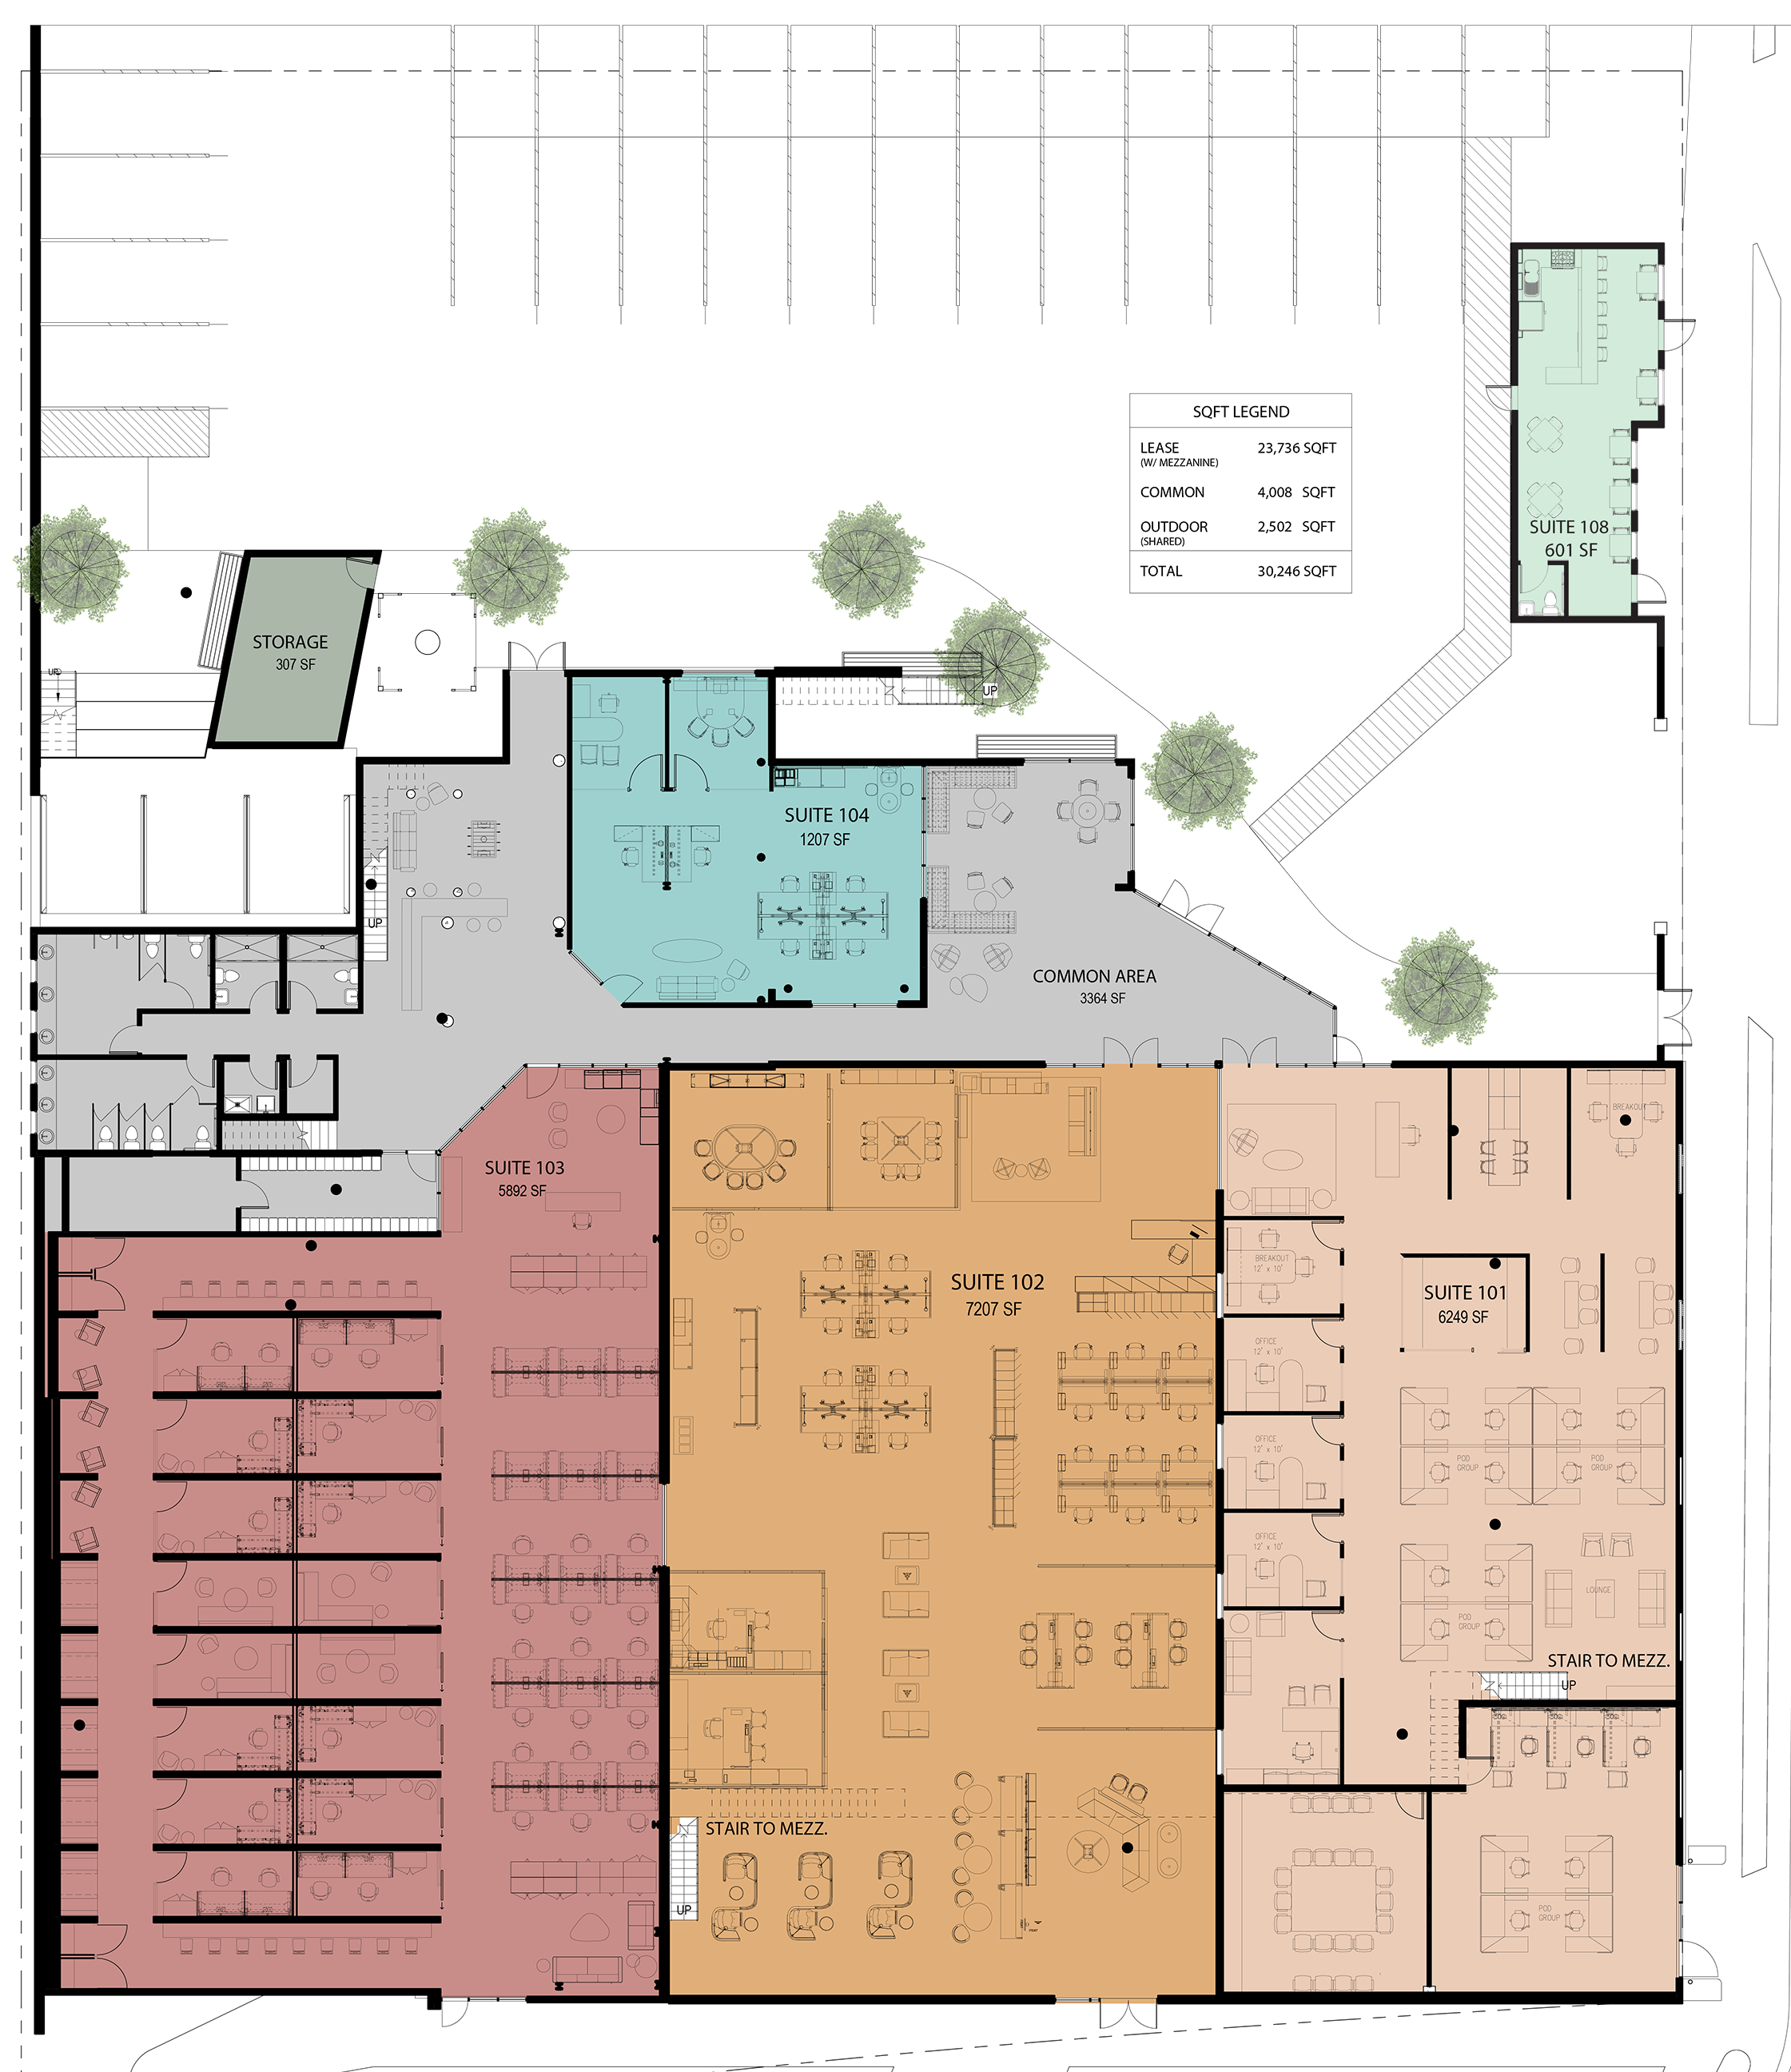 CB Floor Plans level 1 copy.png